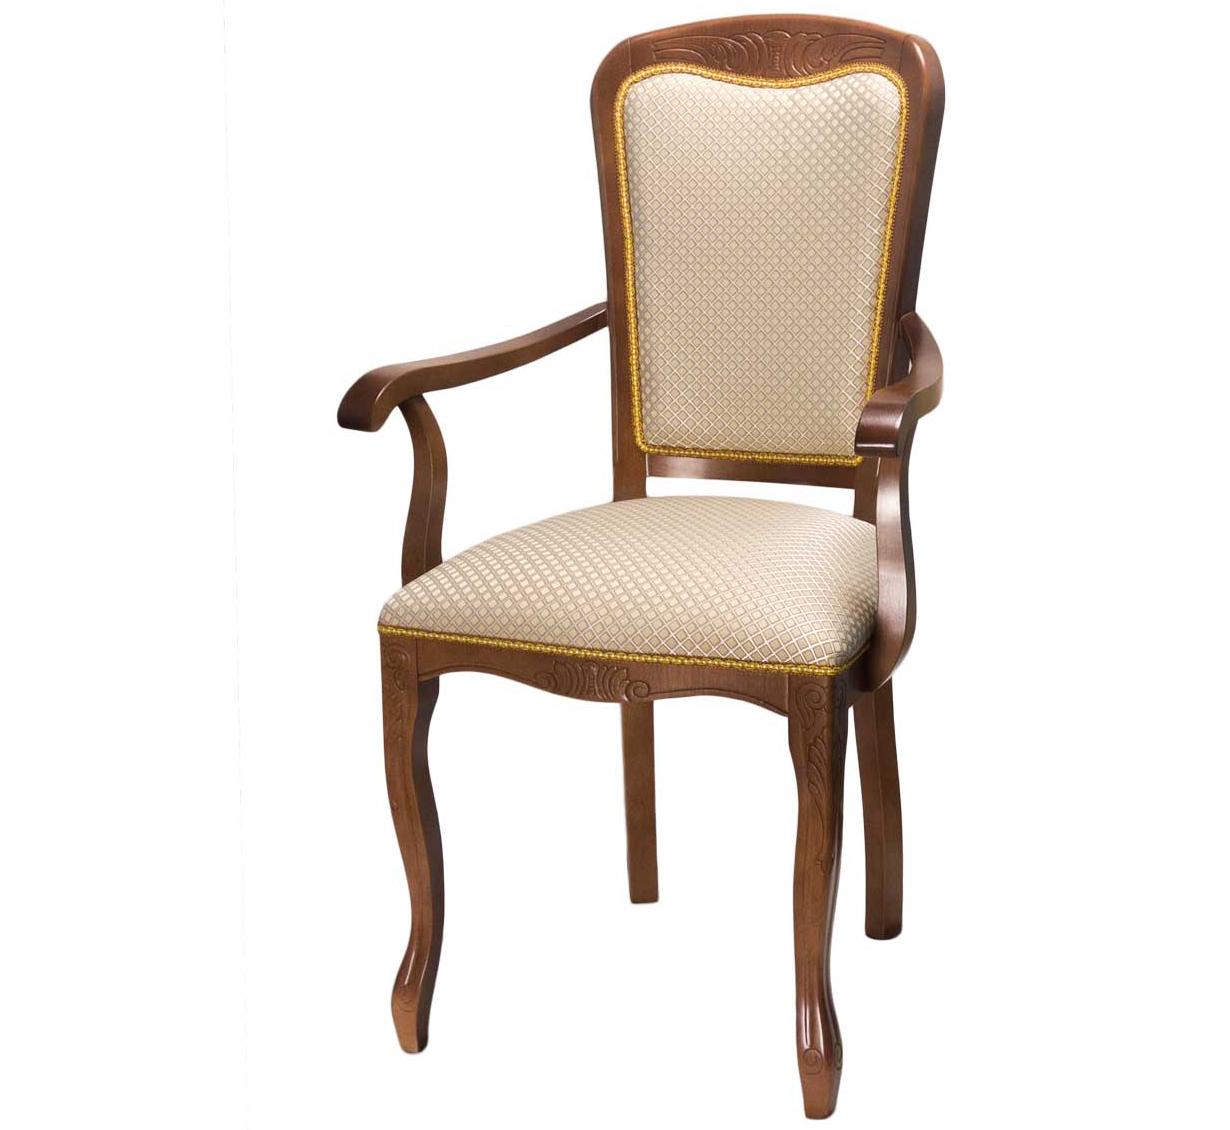 Кресло стул для гостиной деревянный (арт. М3345)